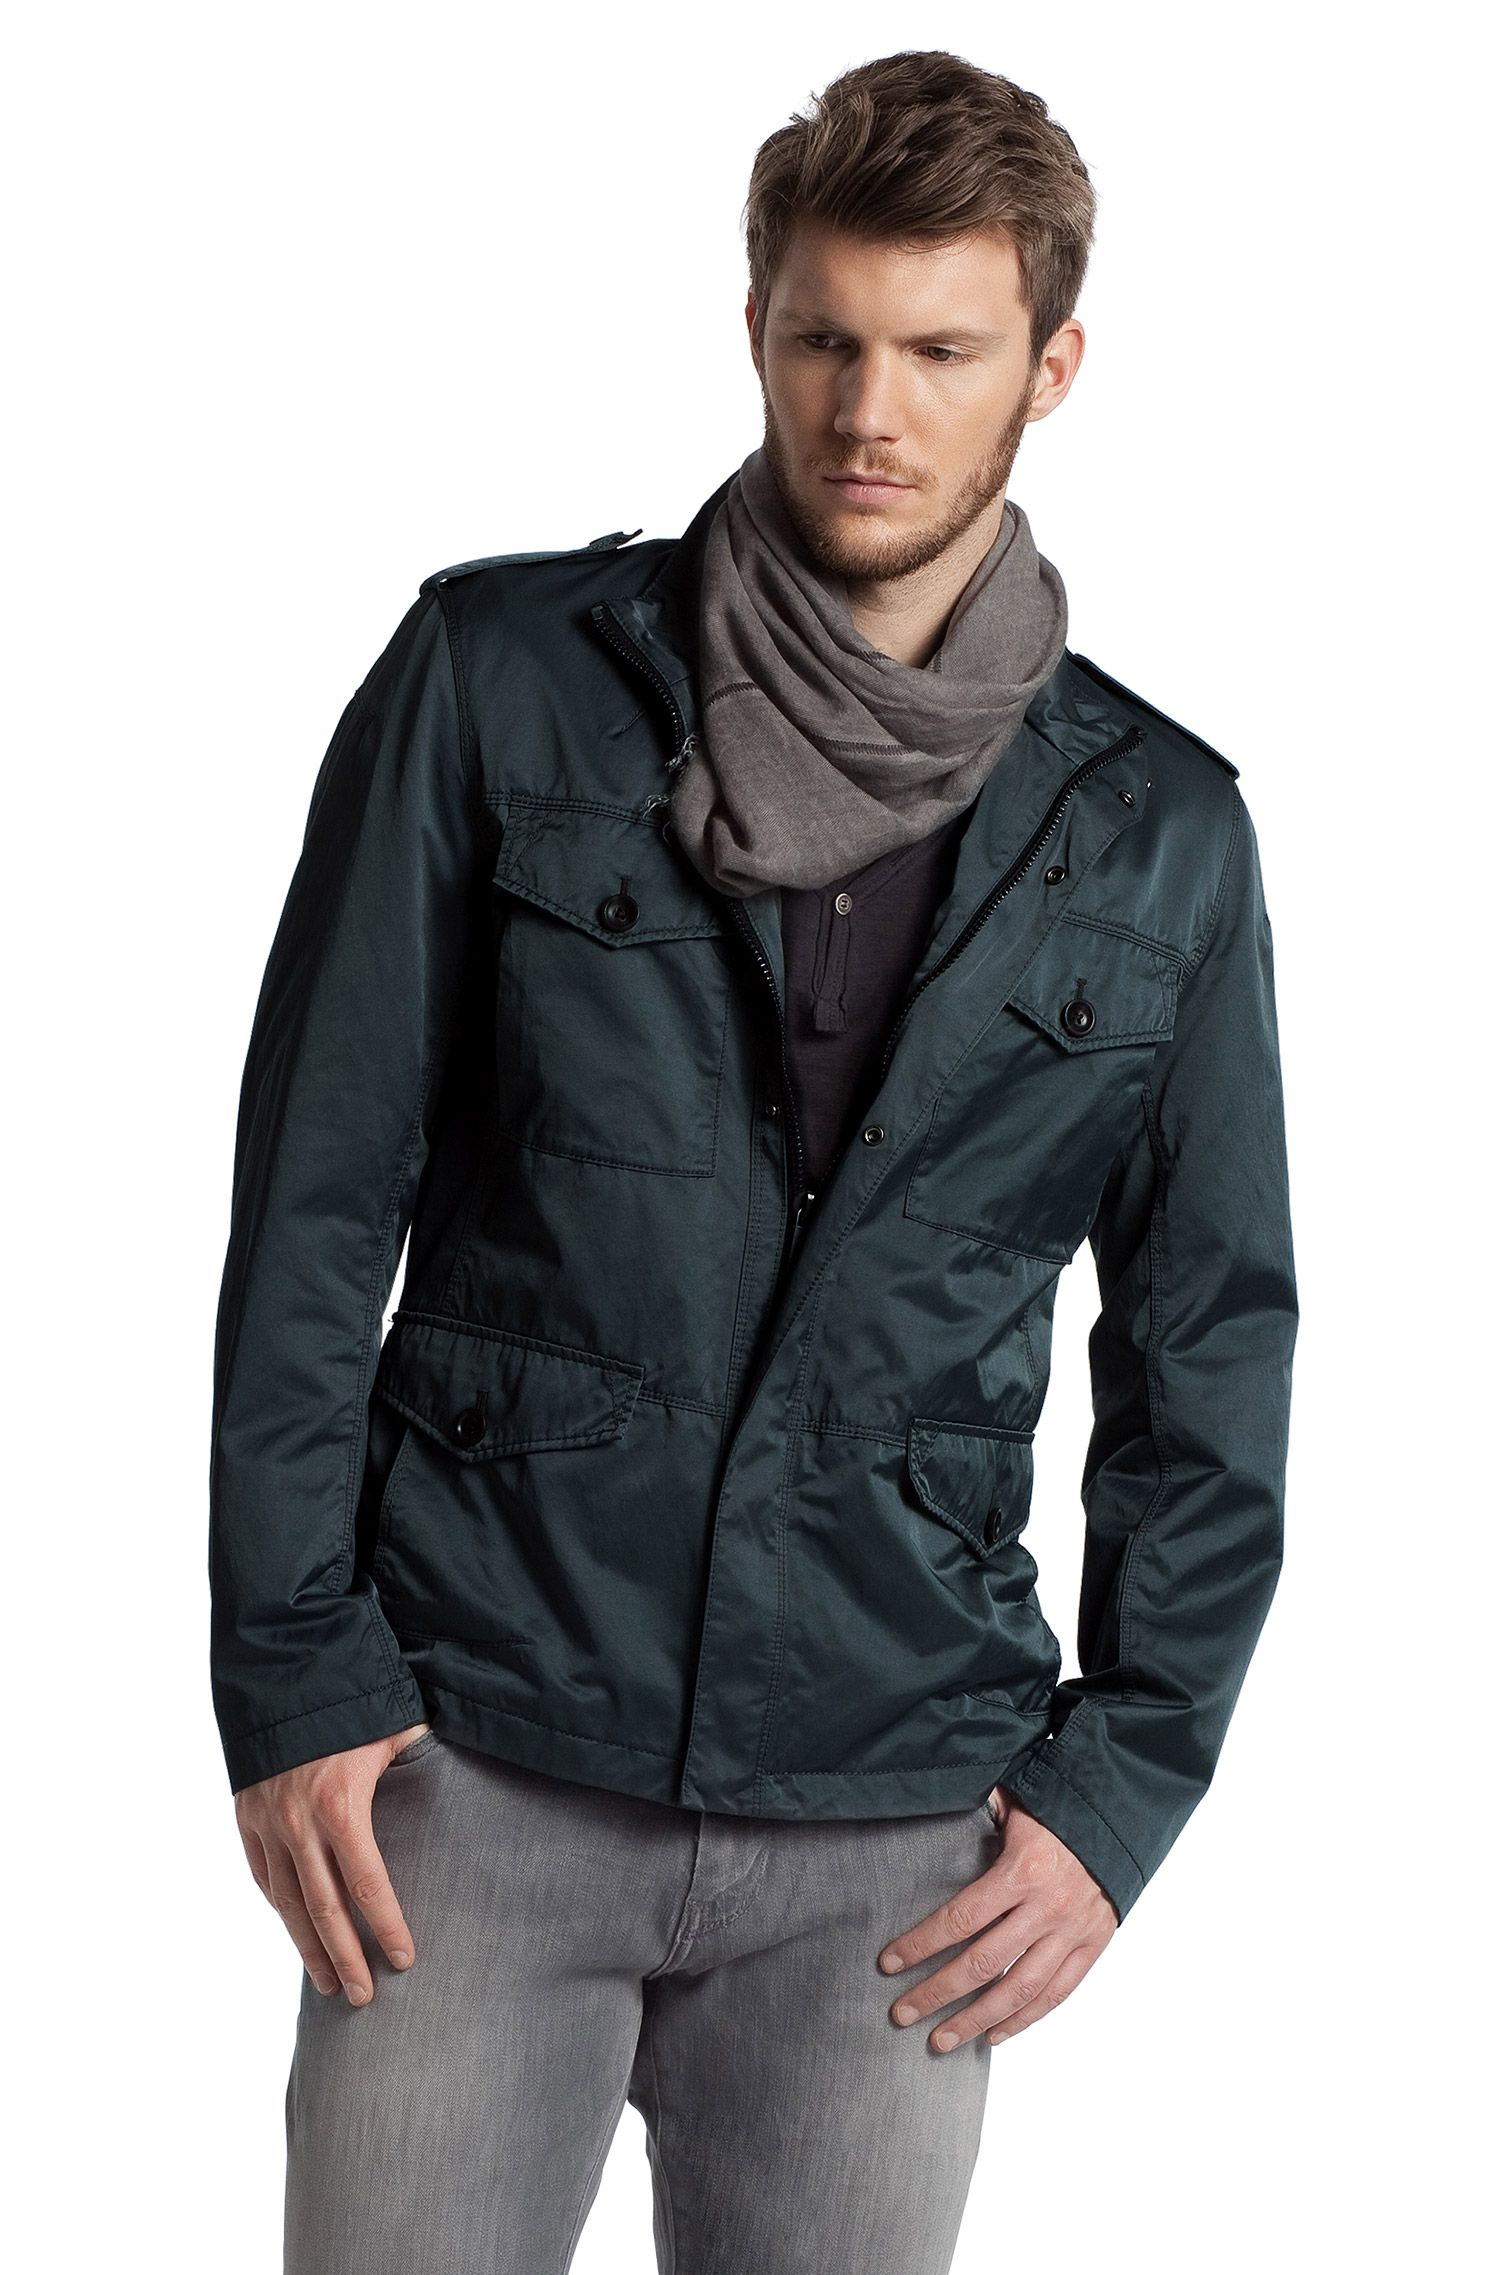 Outdoor-Jacke ´Oxann-W` mit Stehkragen